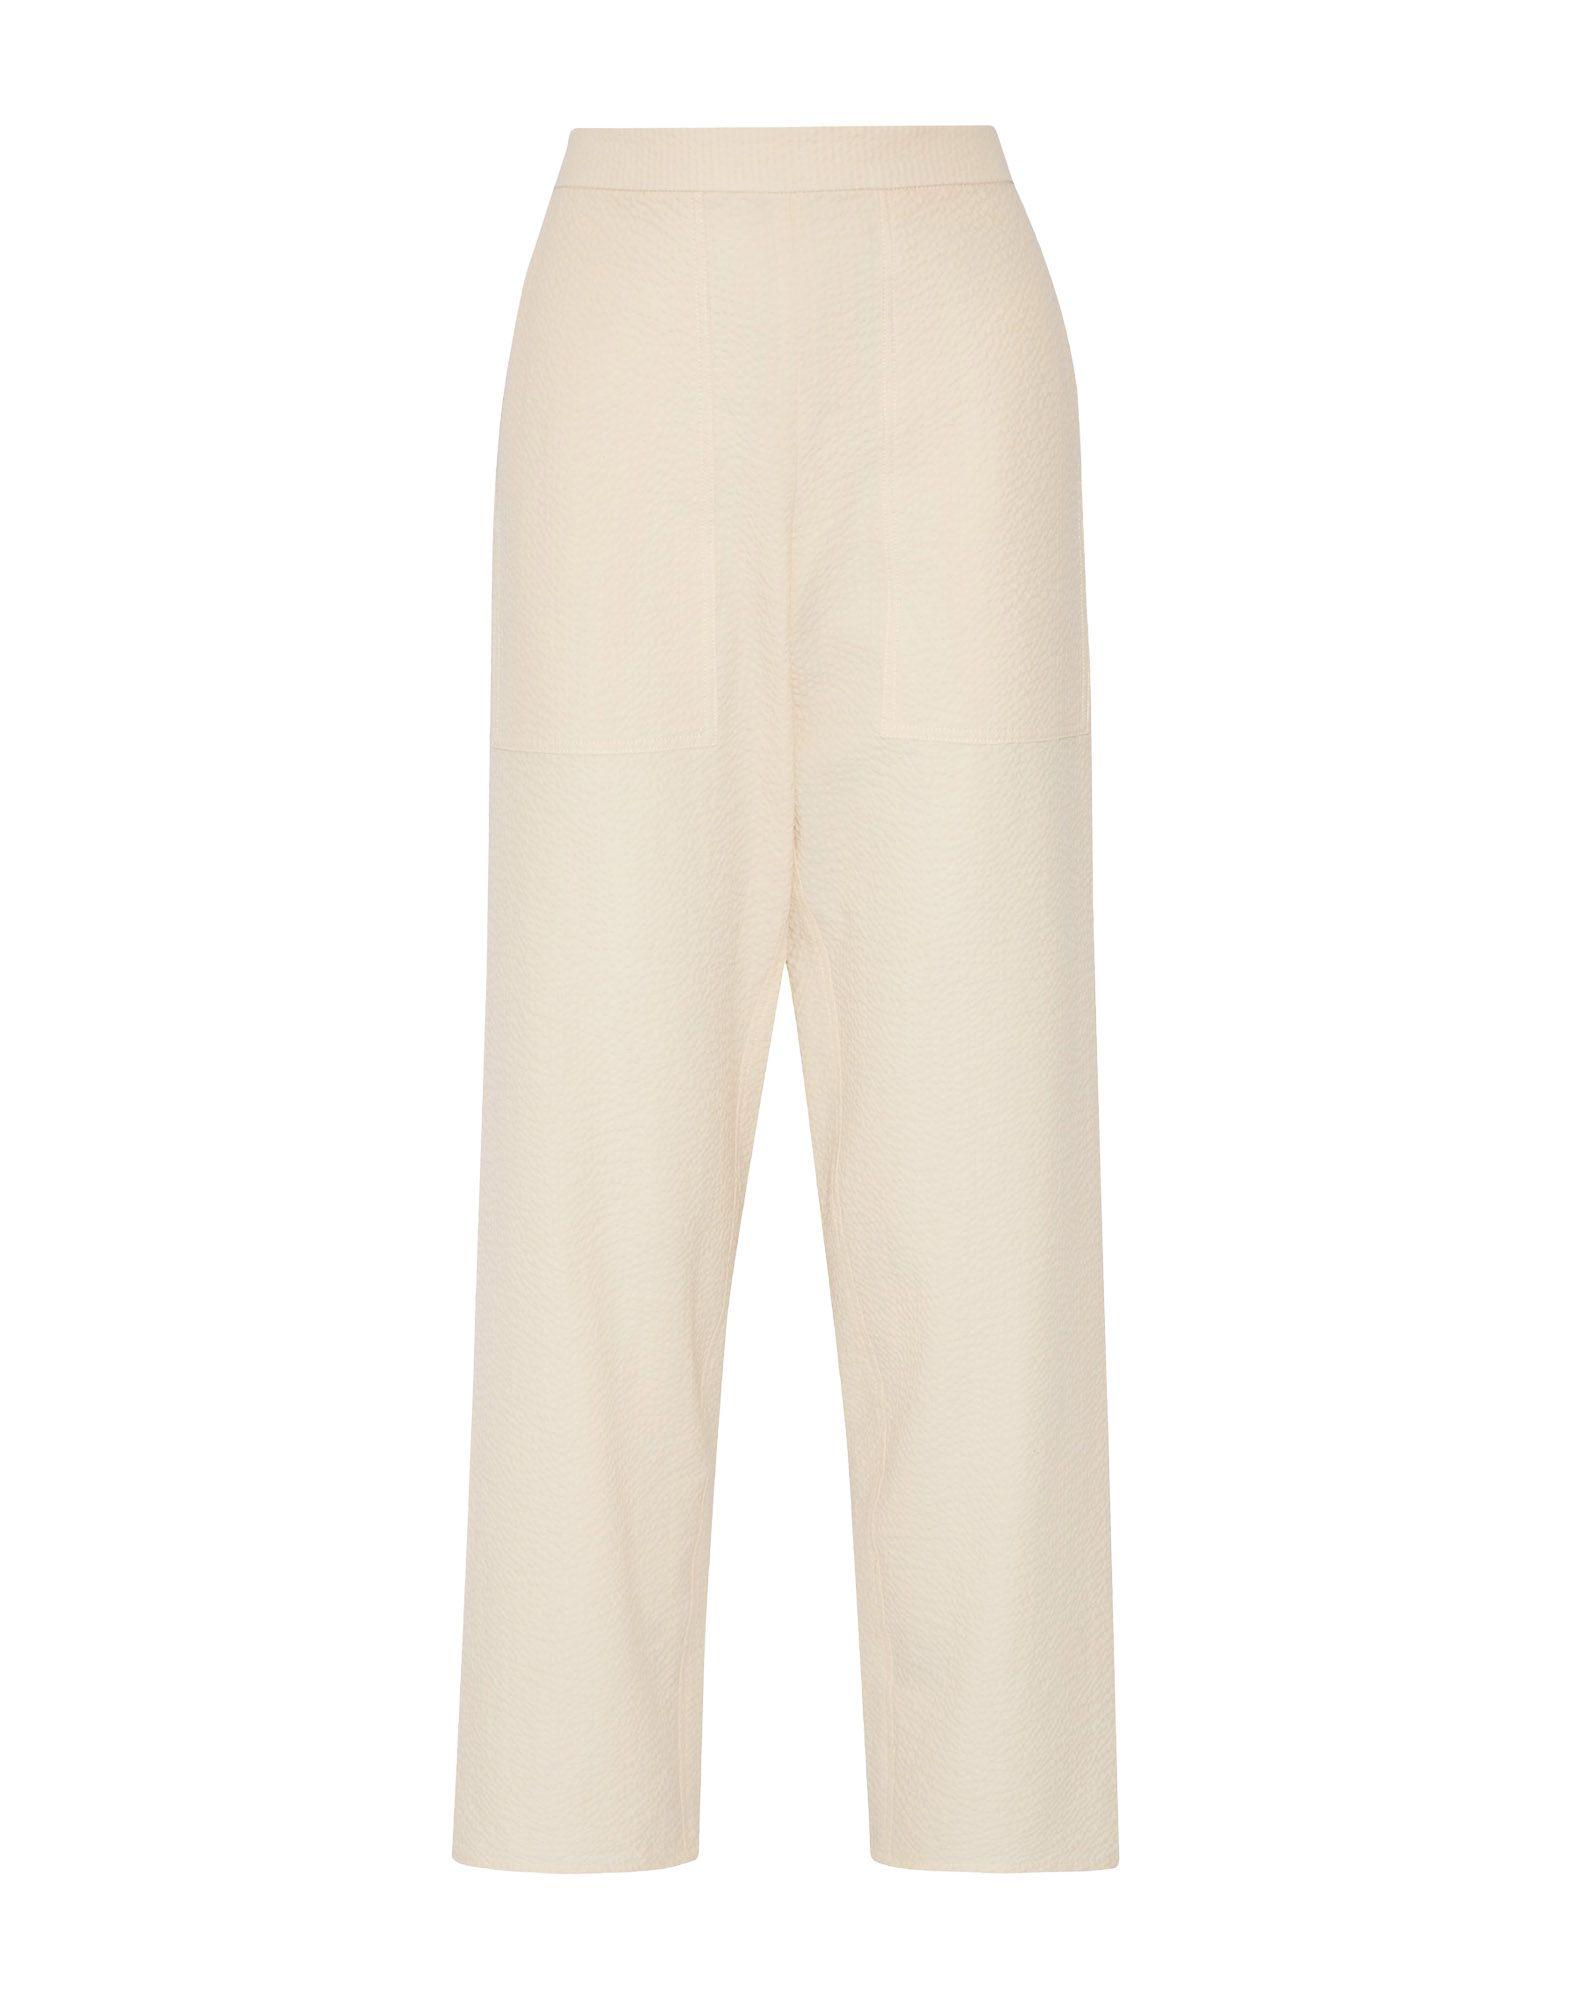 LEMAIRE Повседневные брюки карлос ткань йога брюки дамы открытый спорт работает плотно эластичный фитнес танца брюки cp13507 серый l код